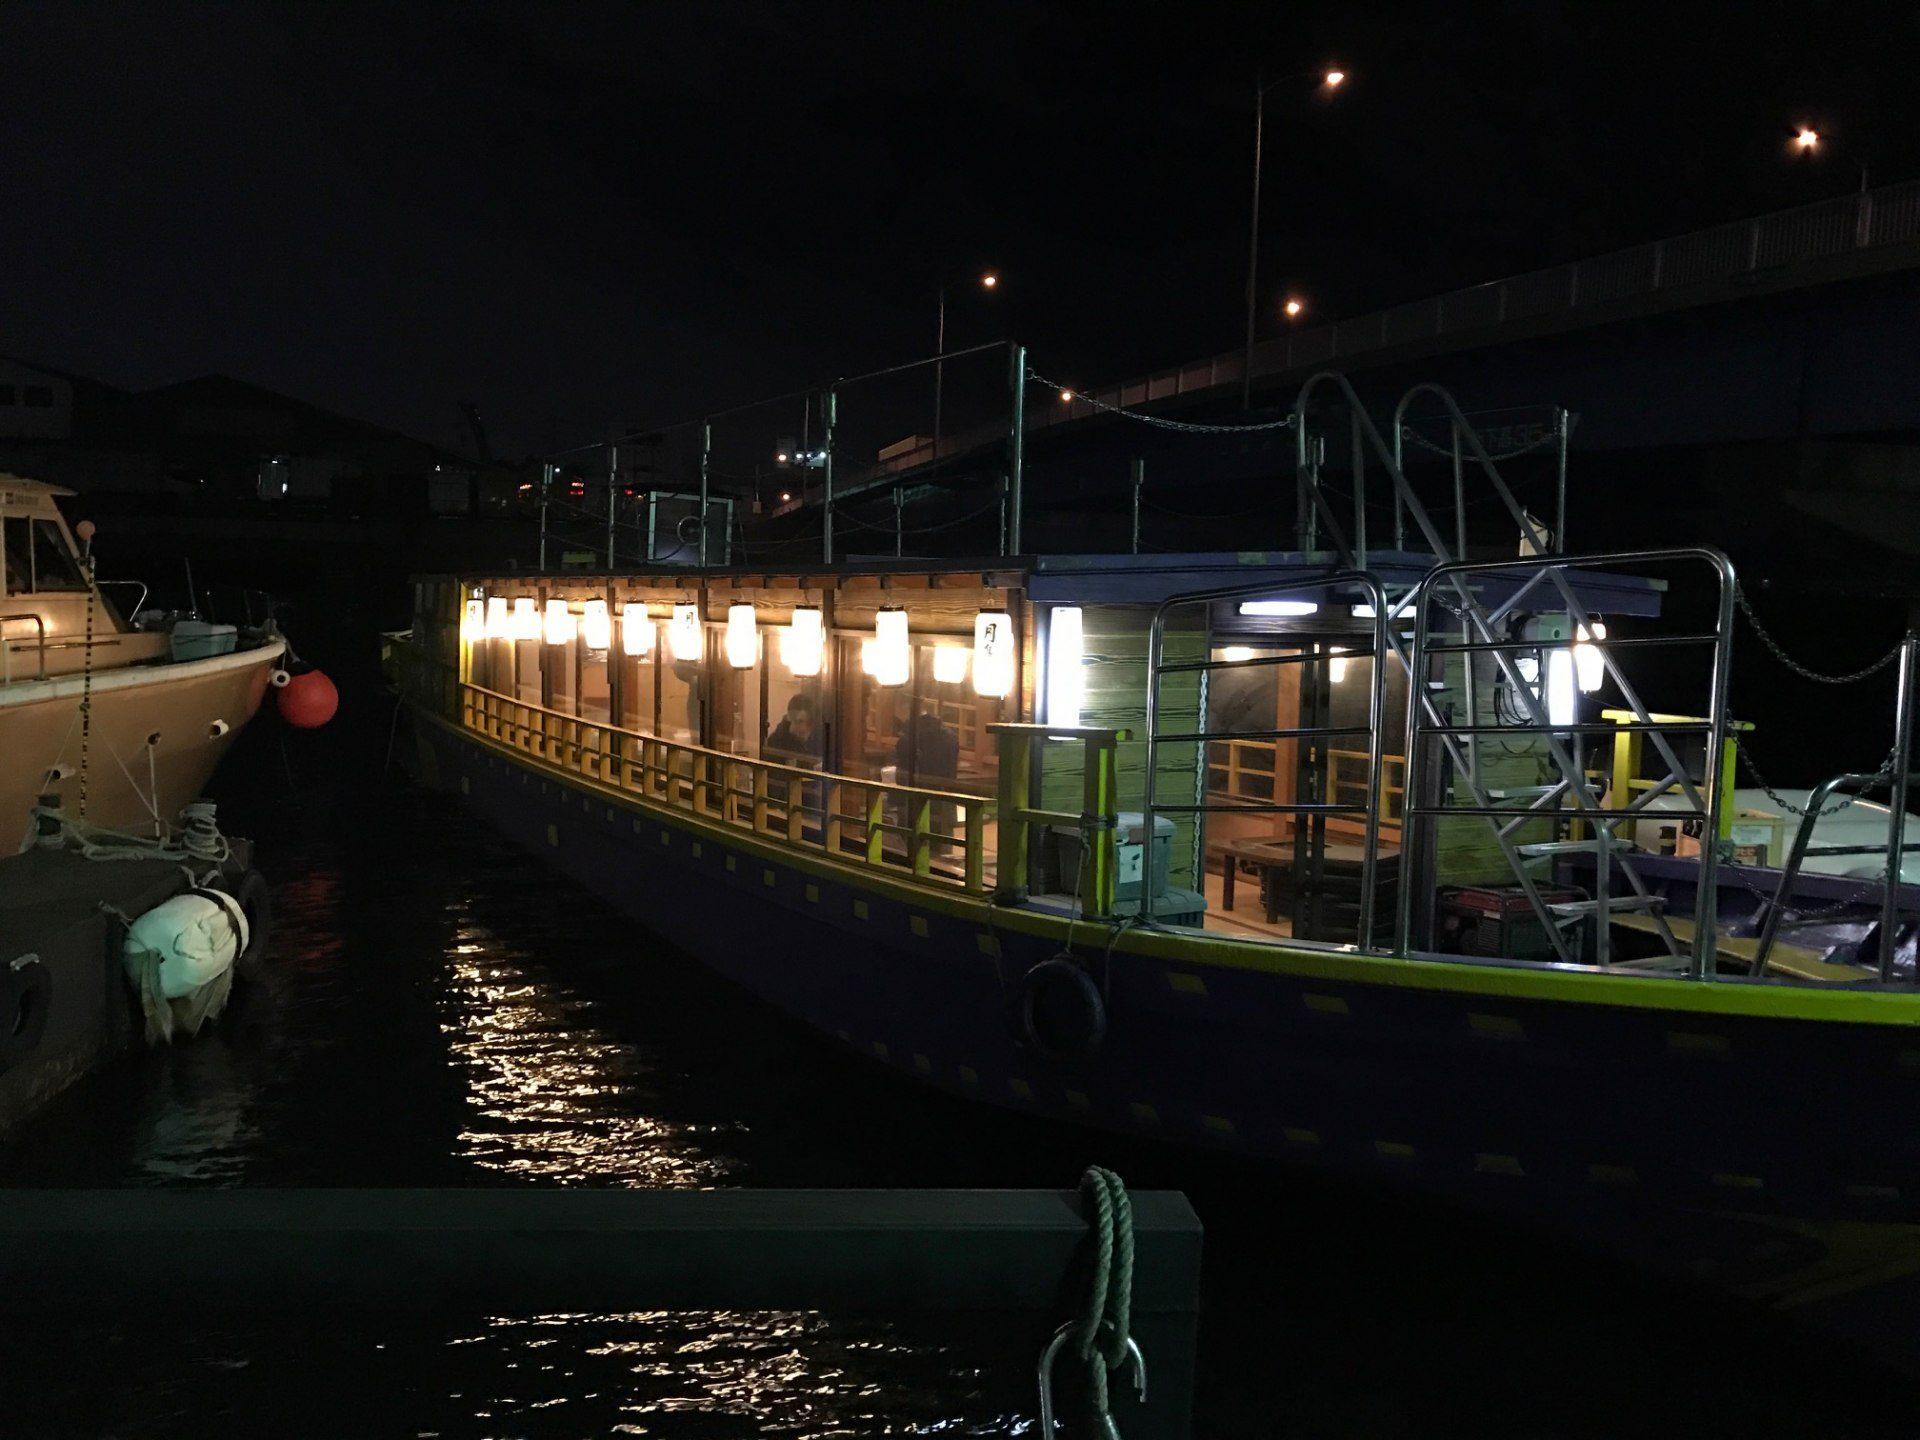 從新木場航行至台場的屋形船